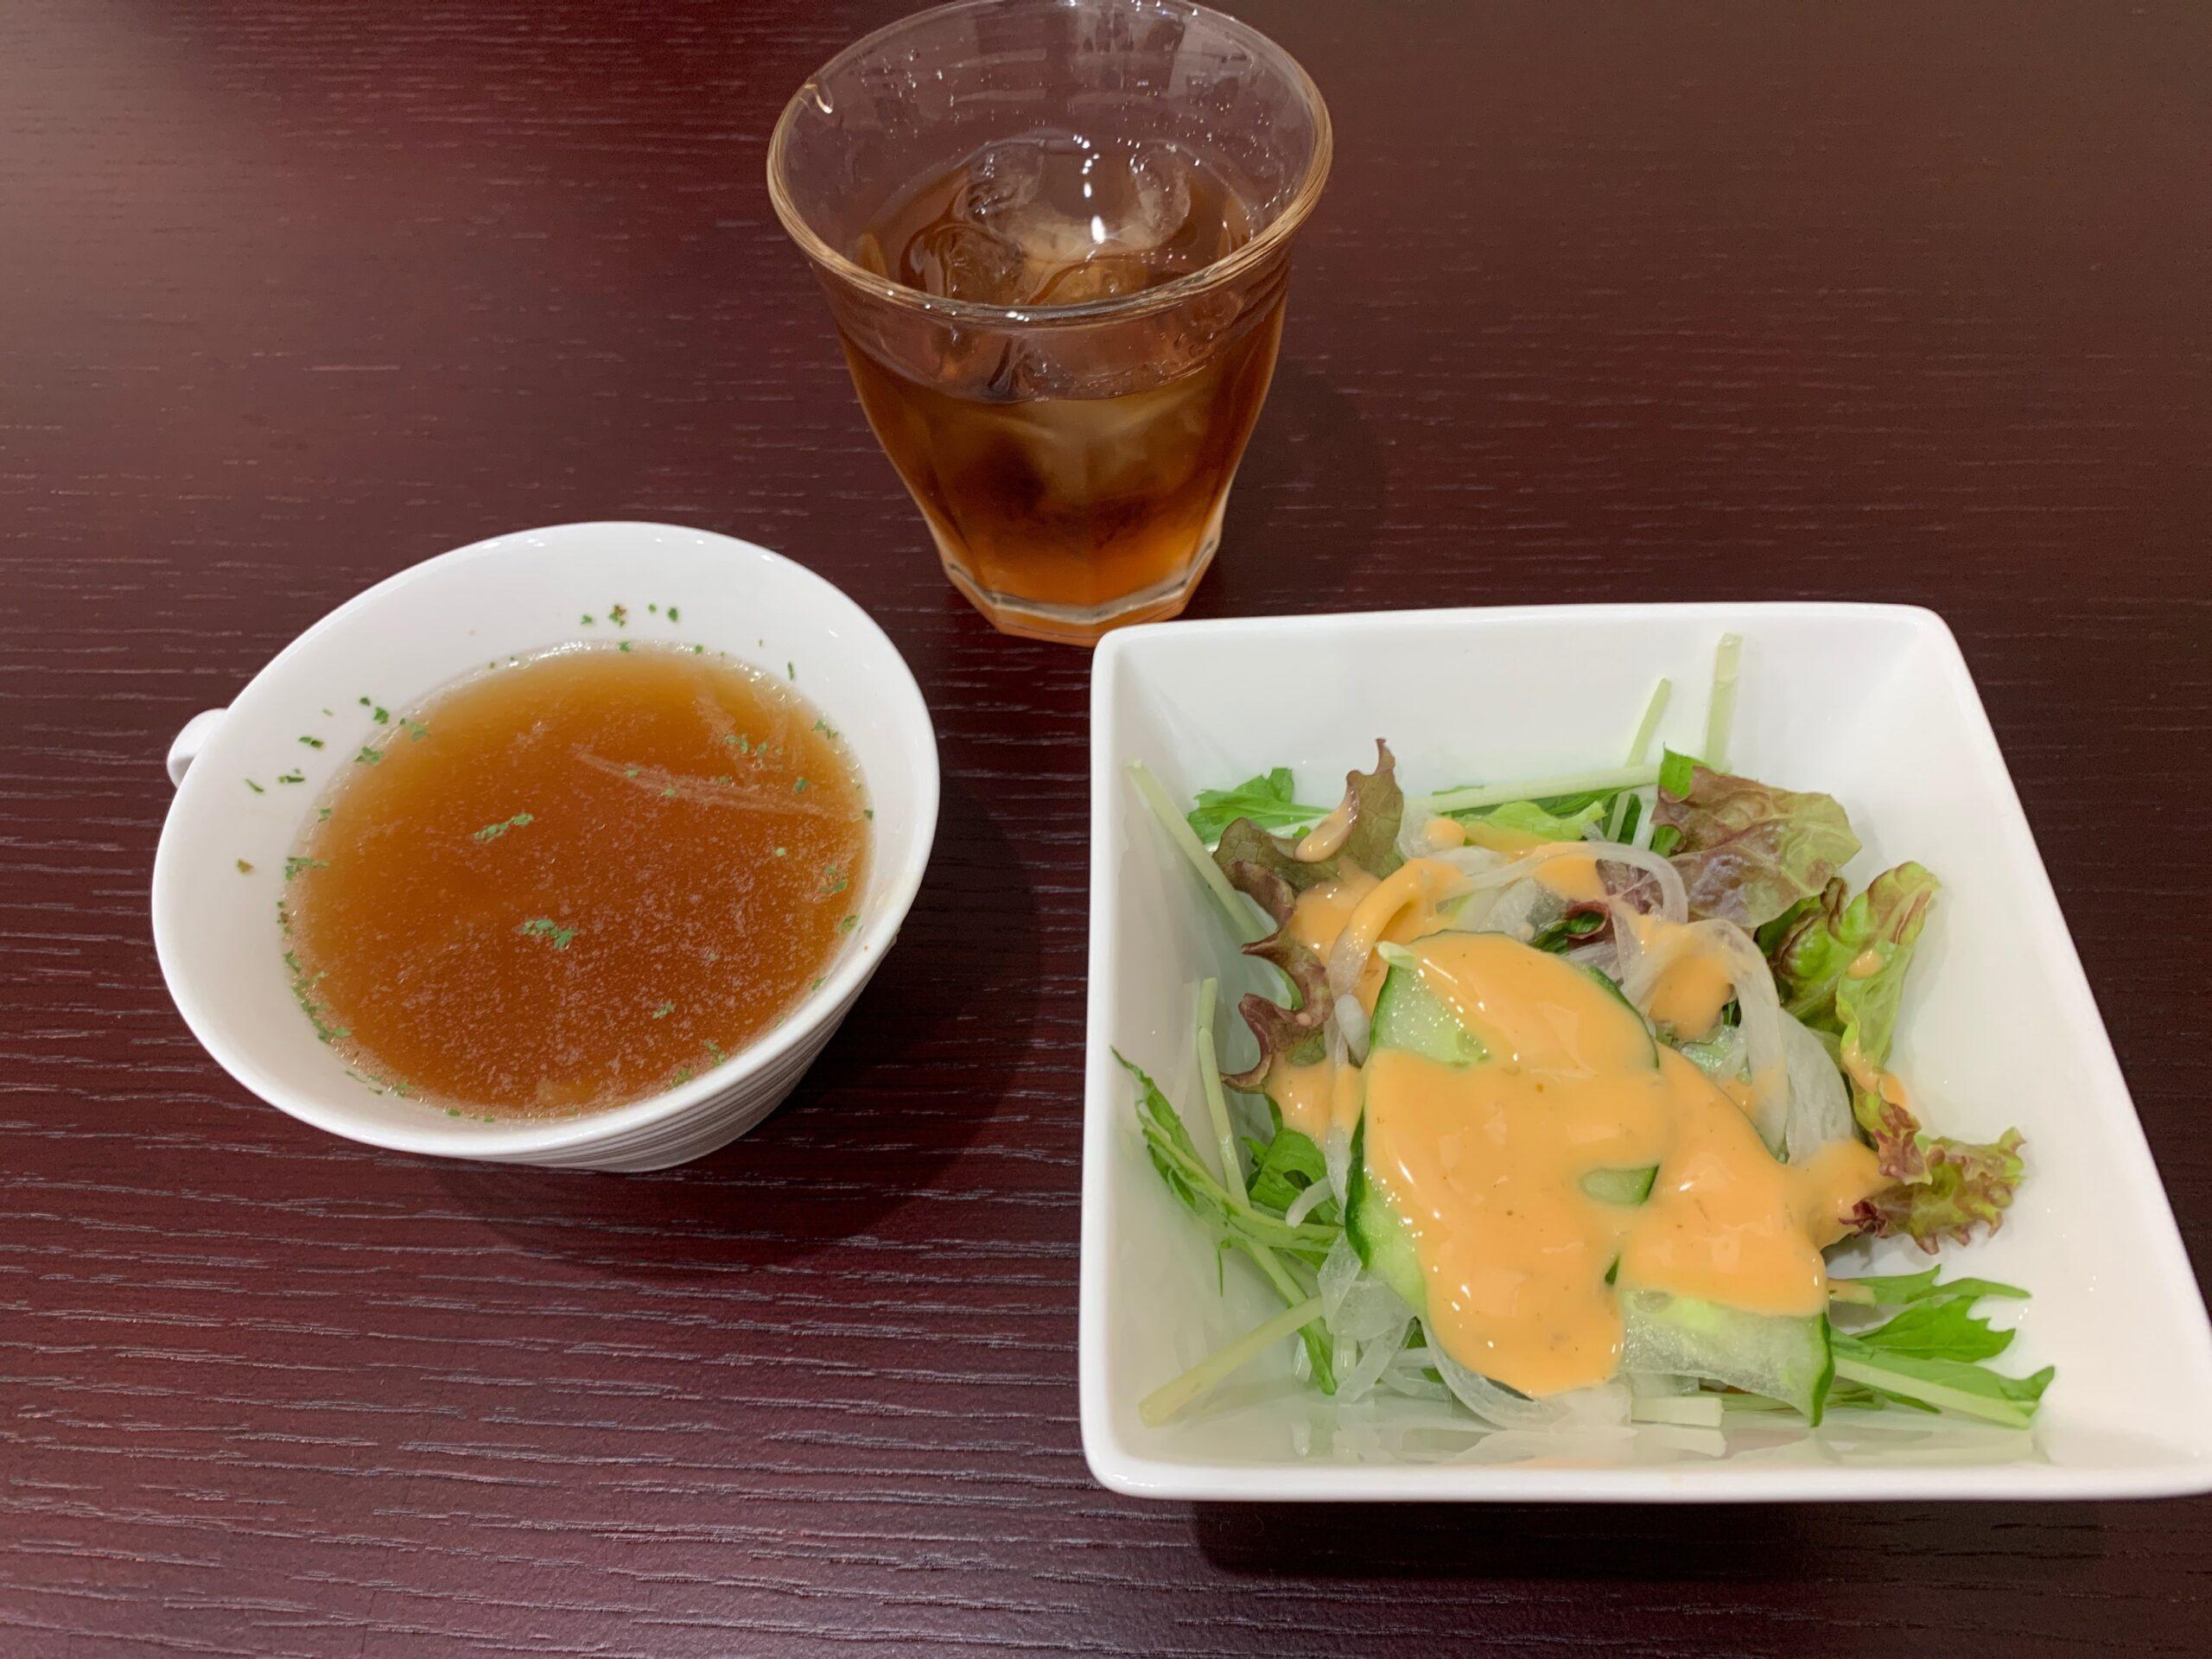 Thousand Kitchen愁月のサラダとスープ